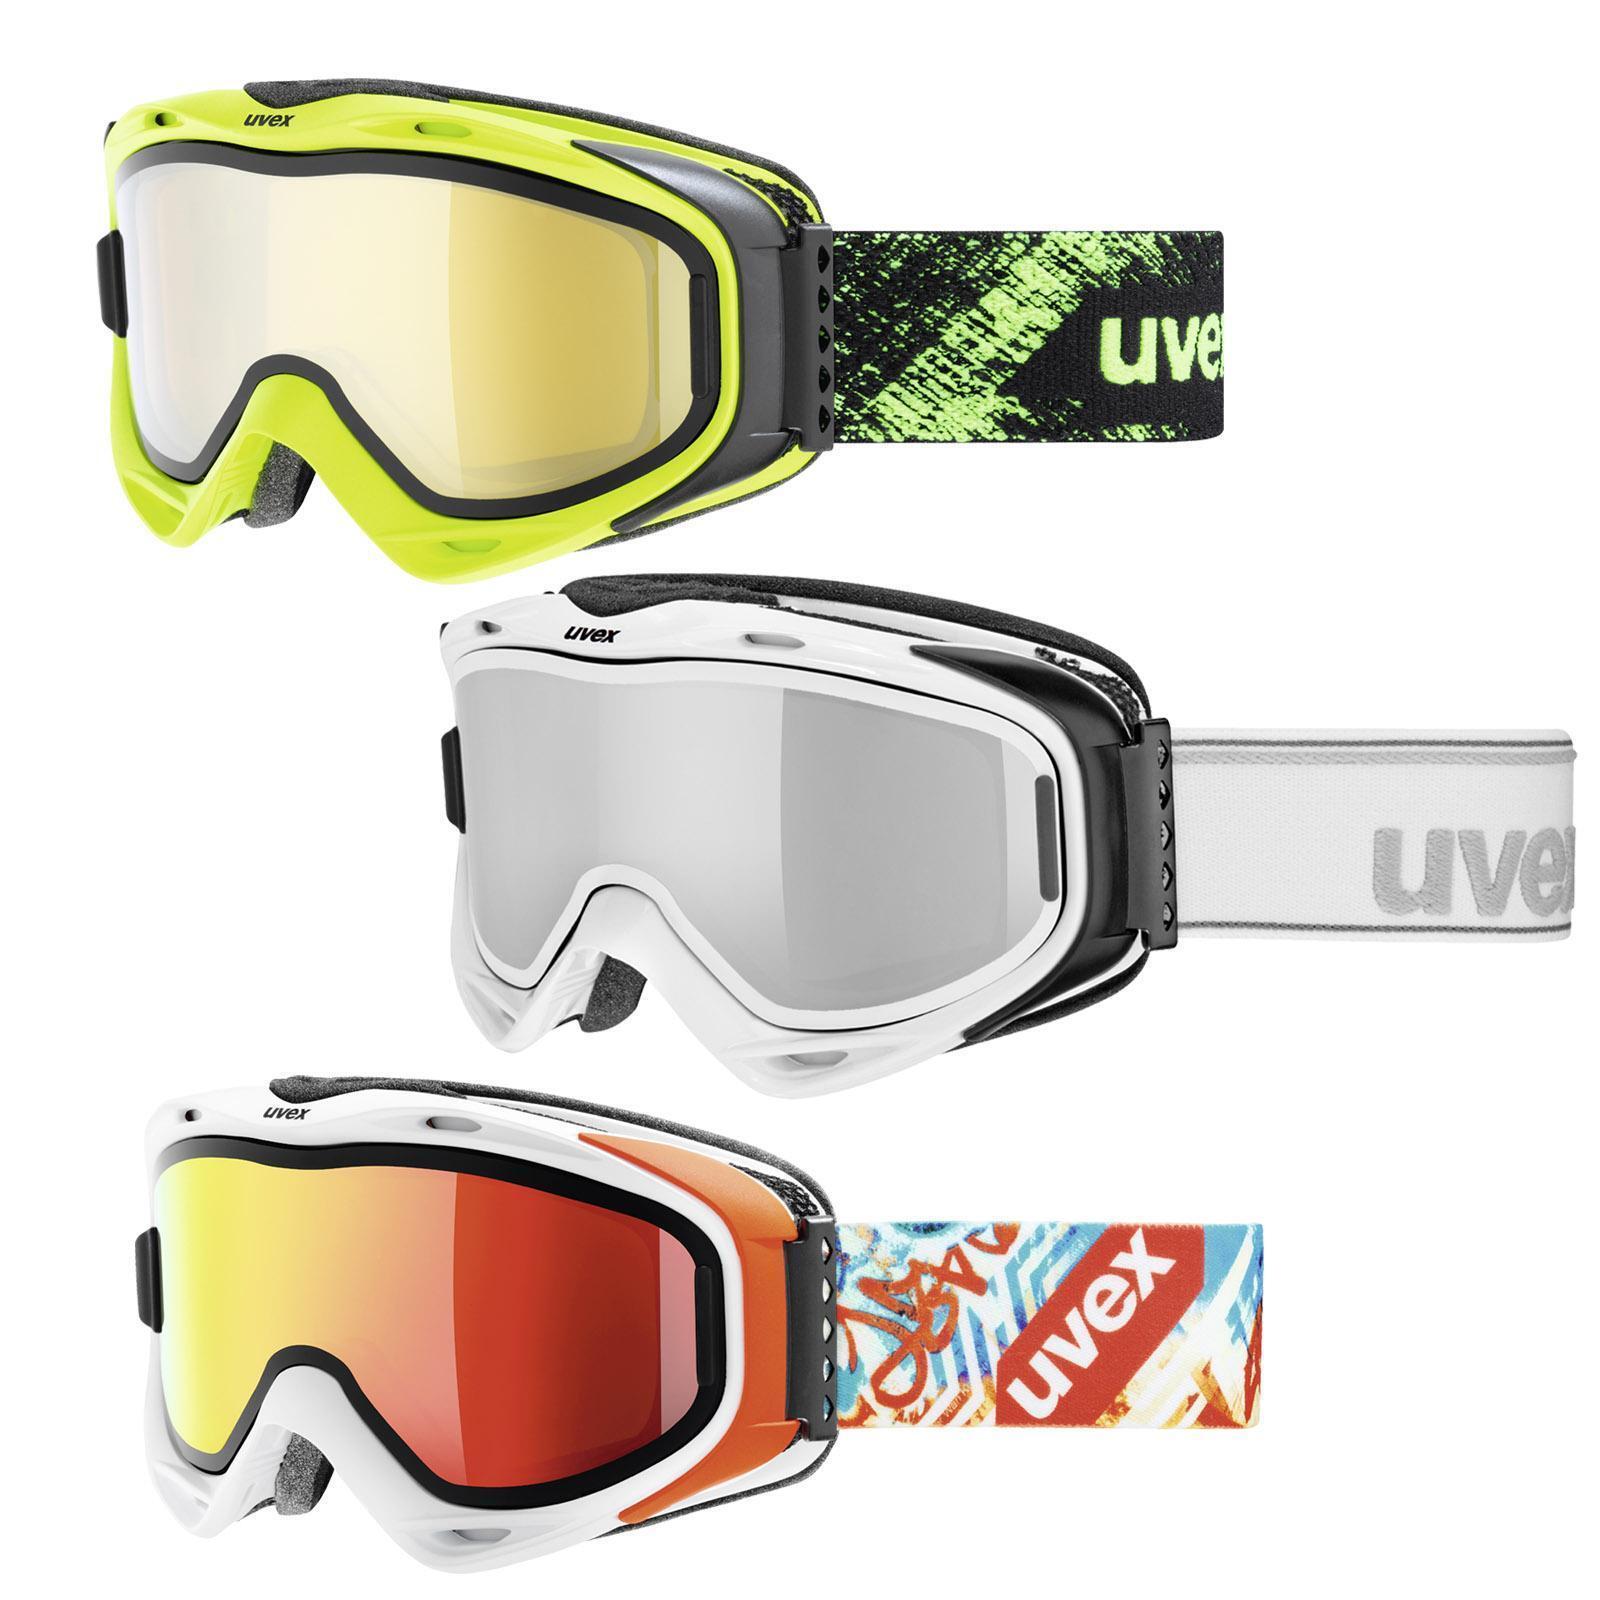 Uvex g.gl 300 TO Ski und Snowboard Brille